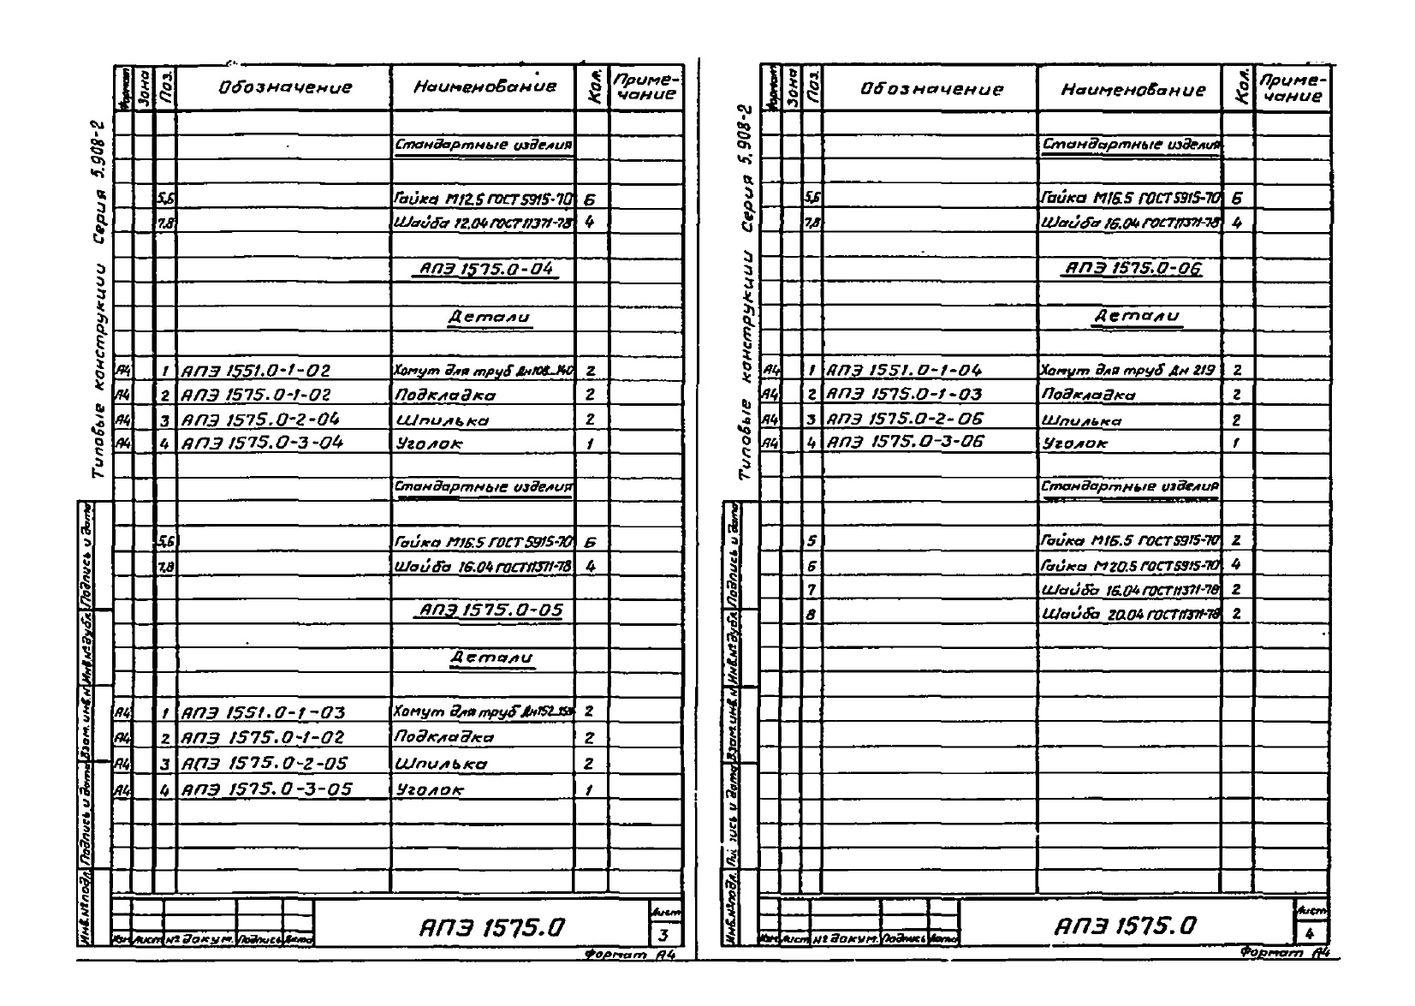 Подвеска АПЭ 1575.0 серия 5.908-2 стр.3